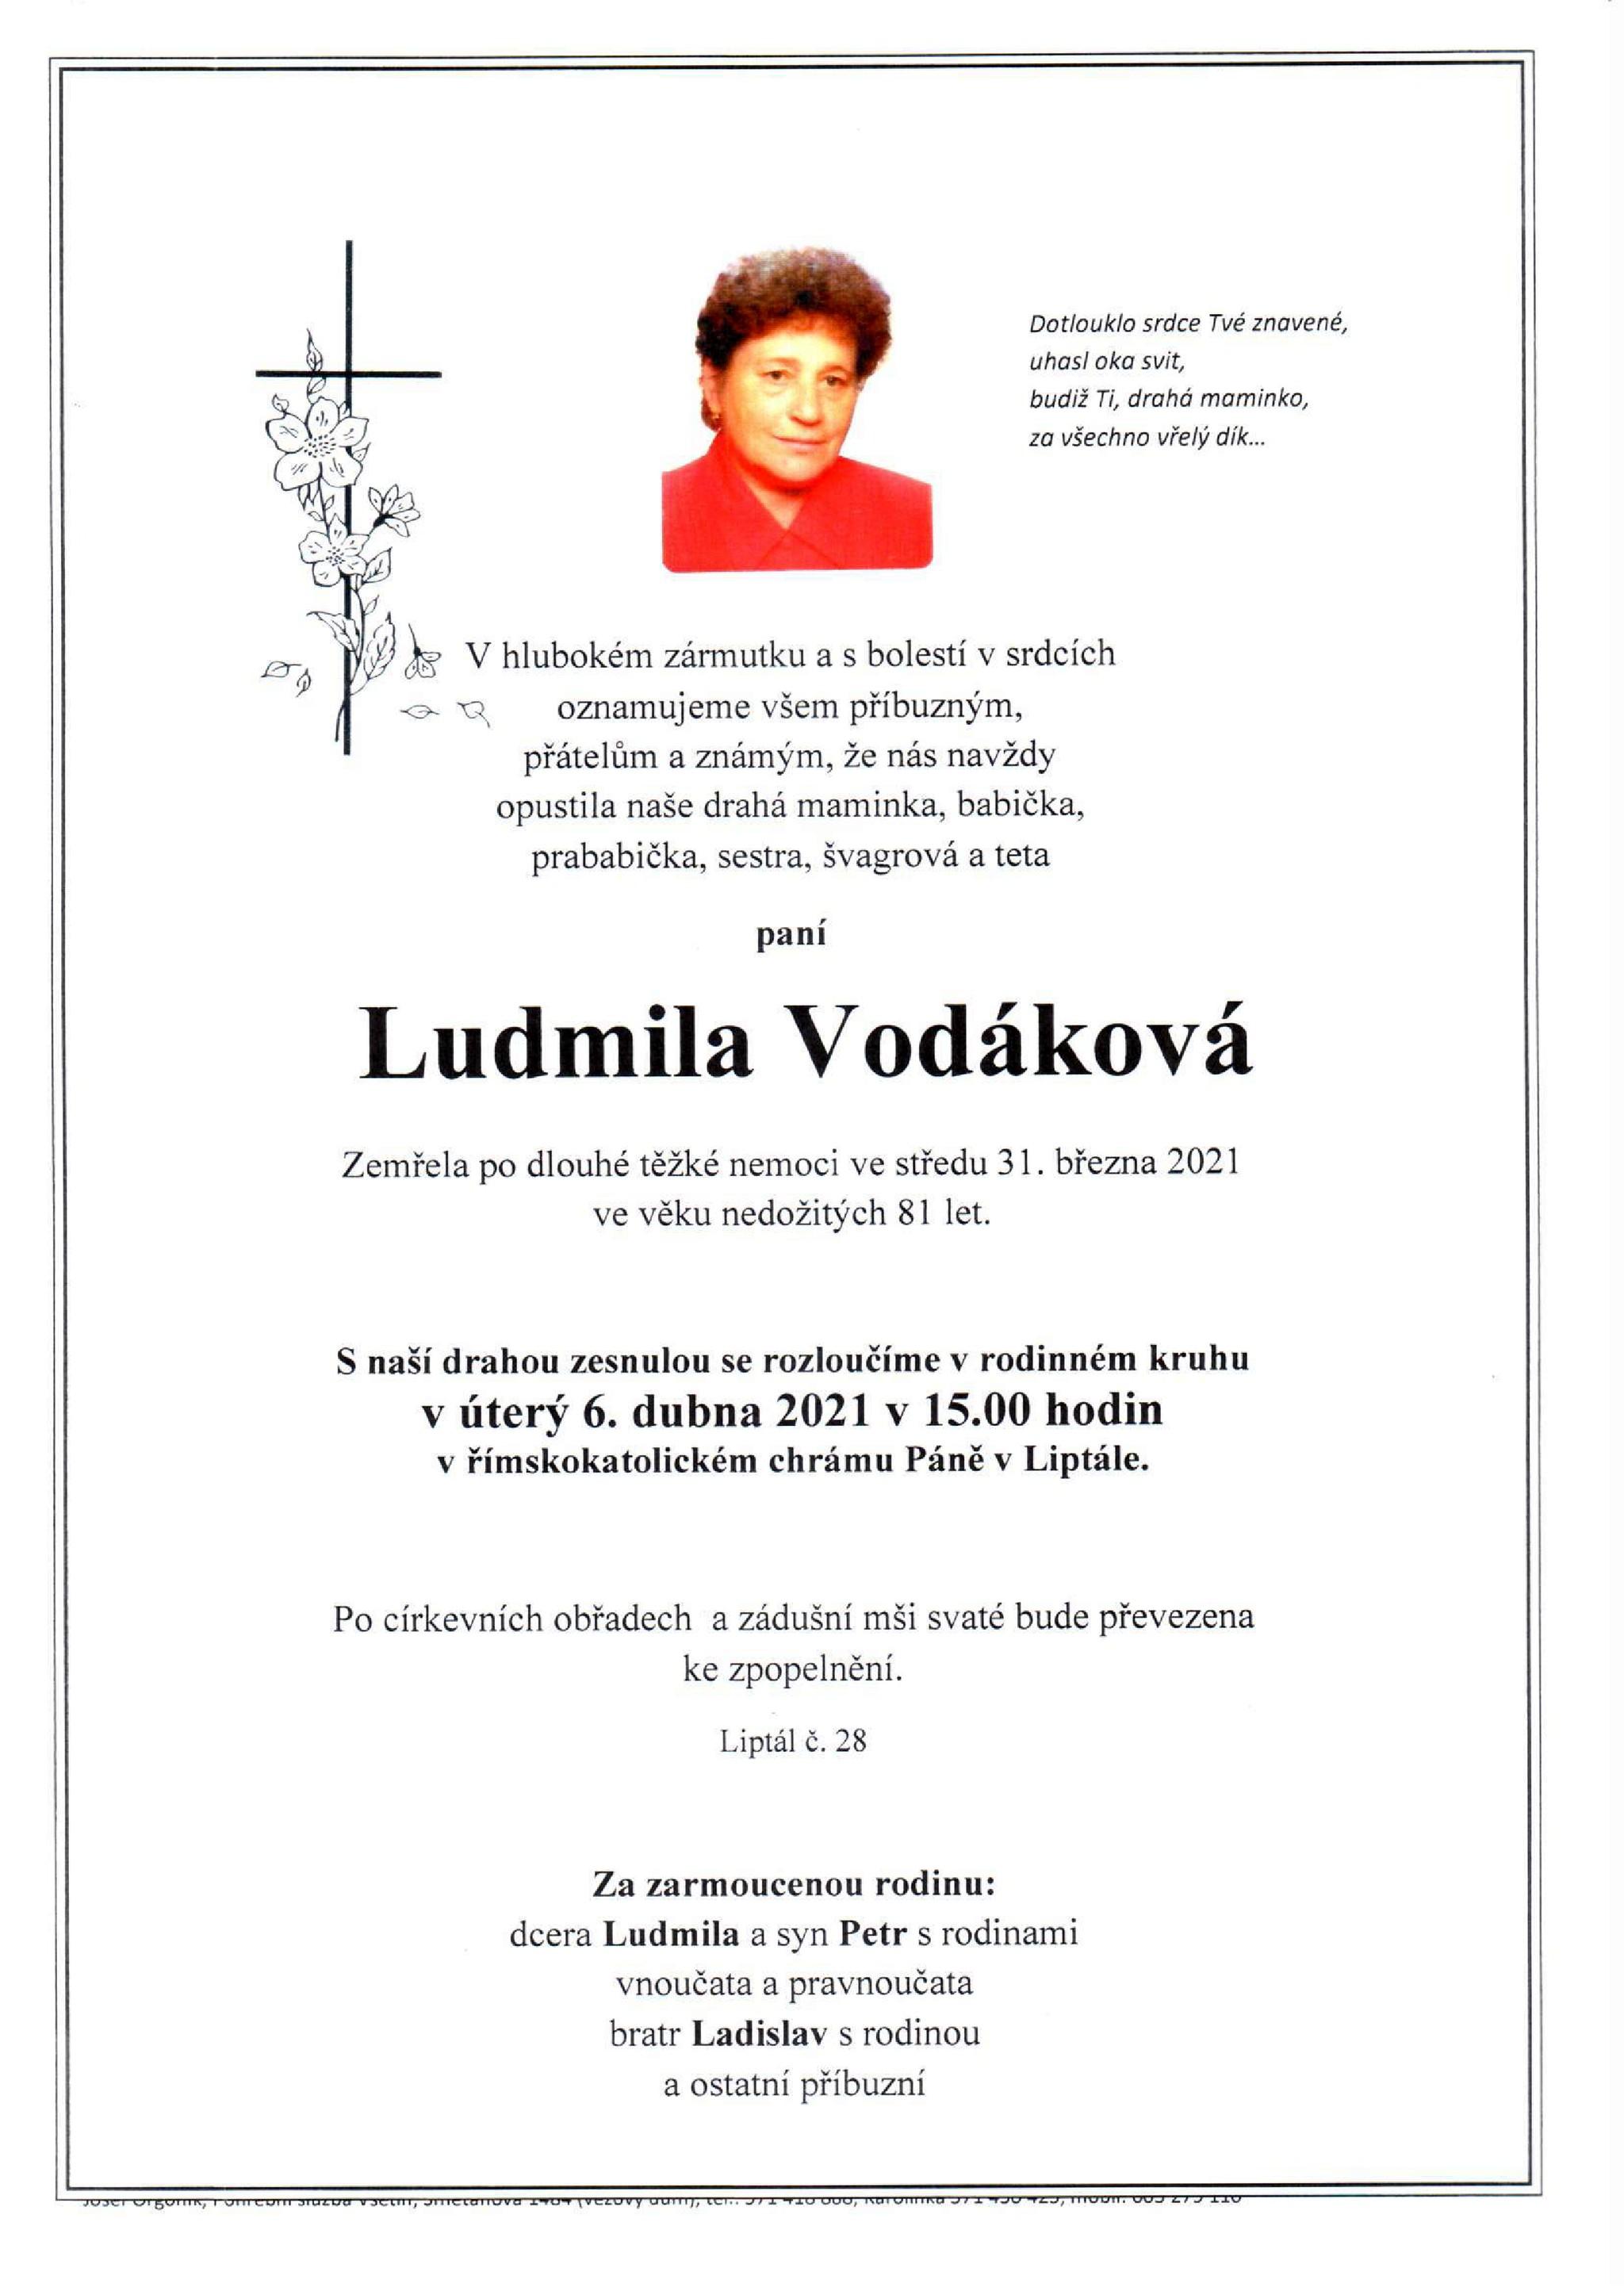 Ludmila Vodáková